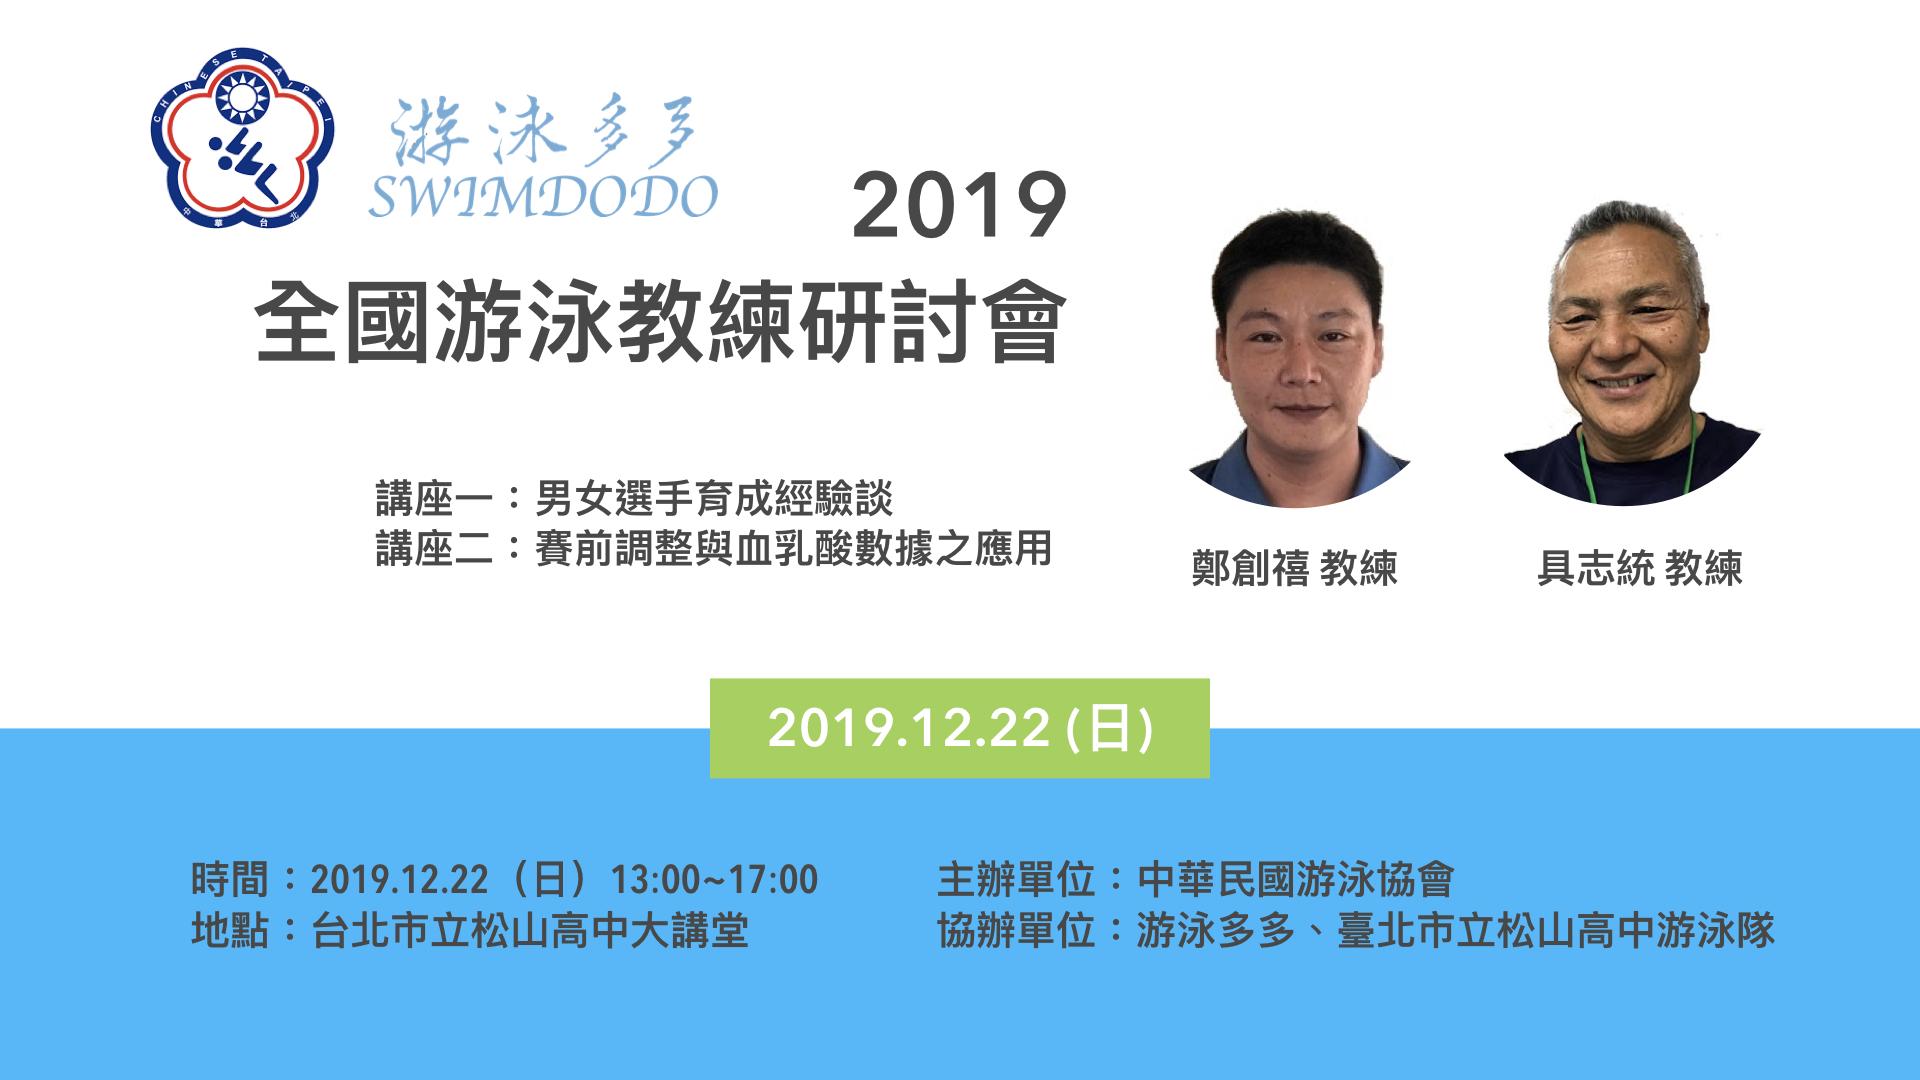 【活動通知:2019 全國游泳教練研討會】